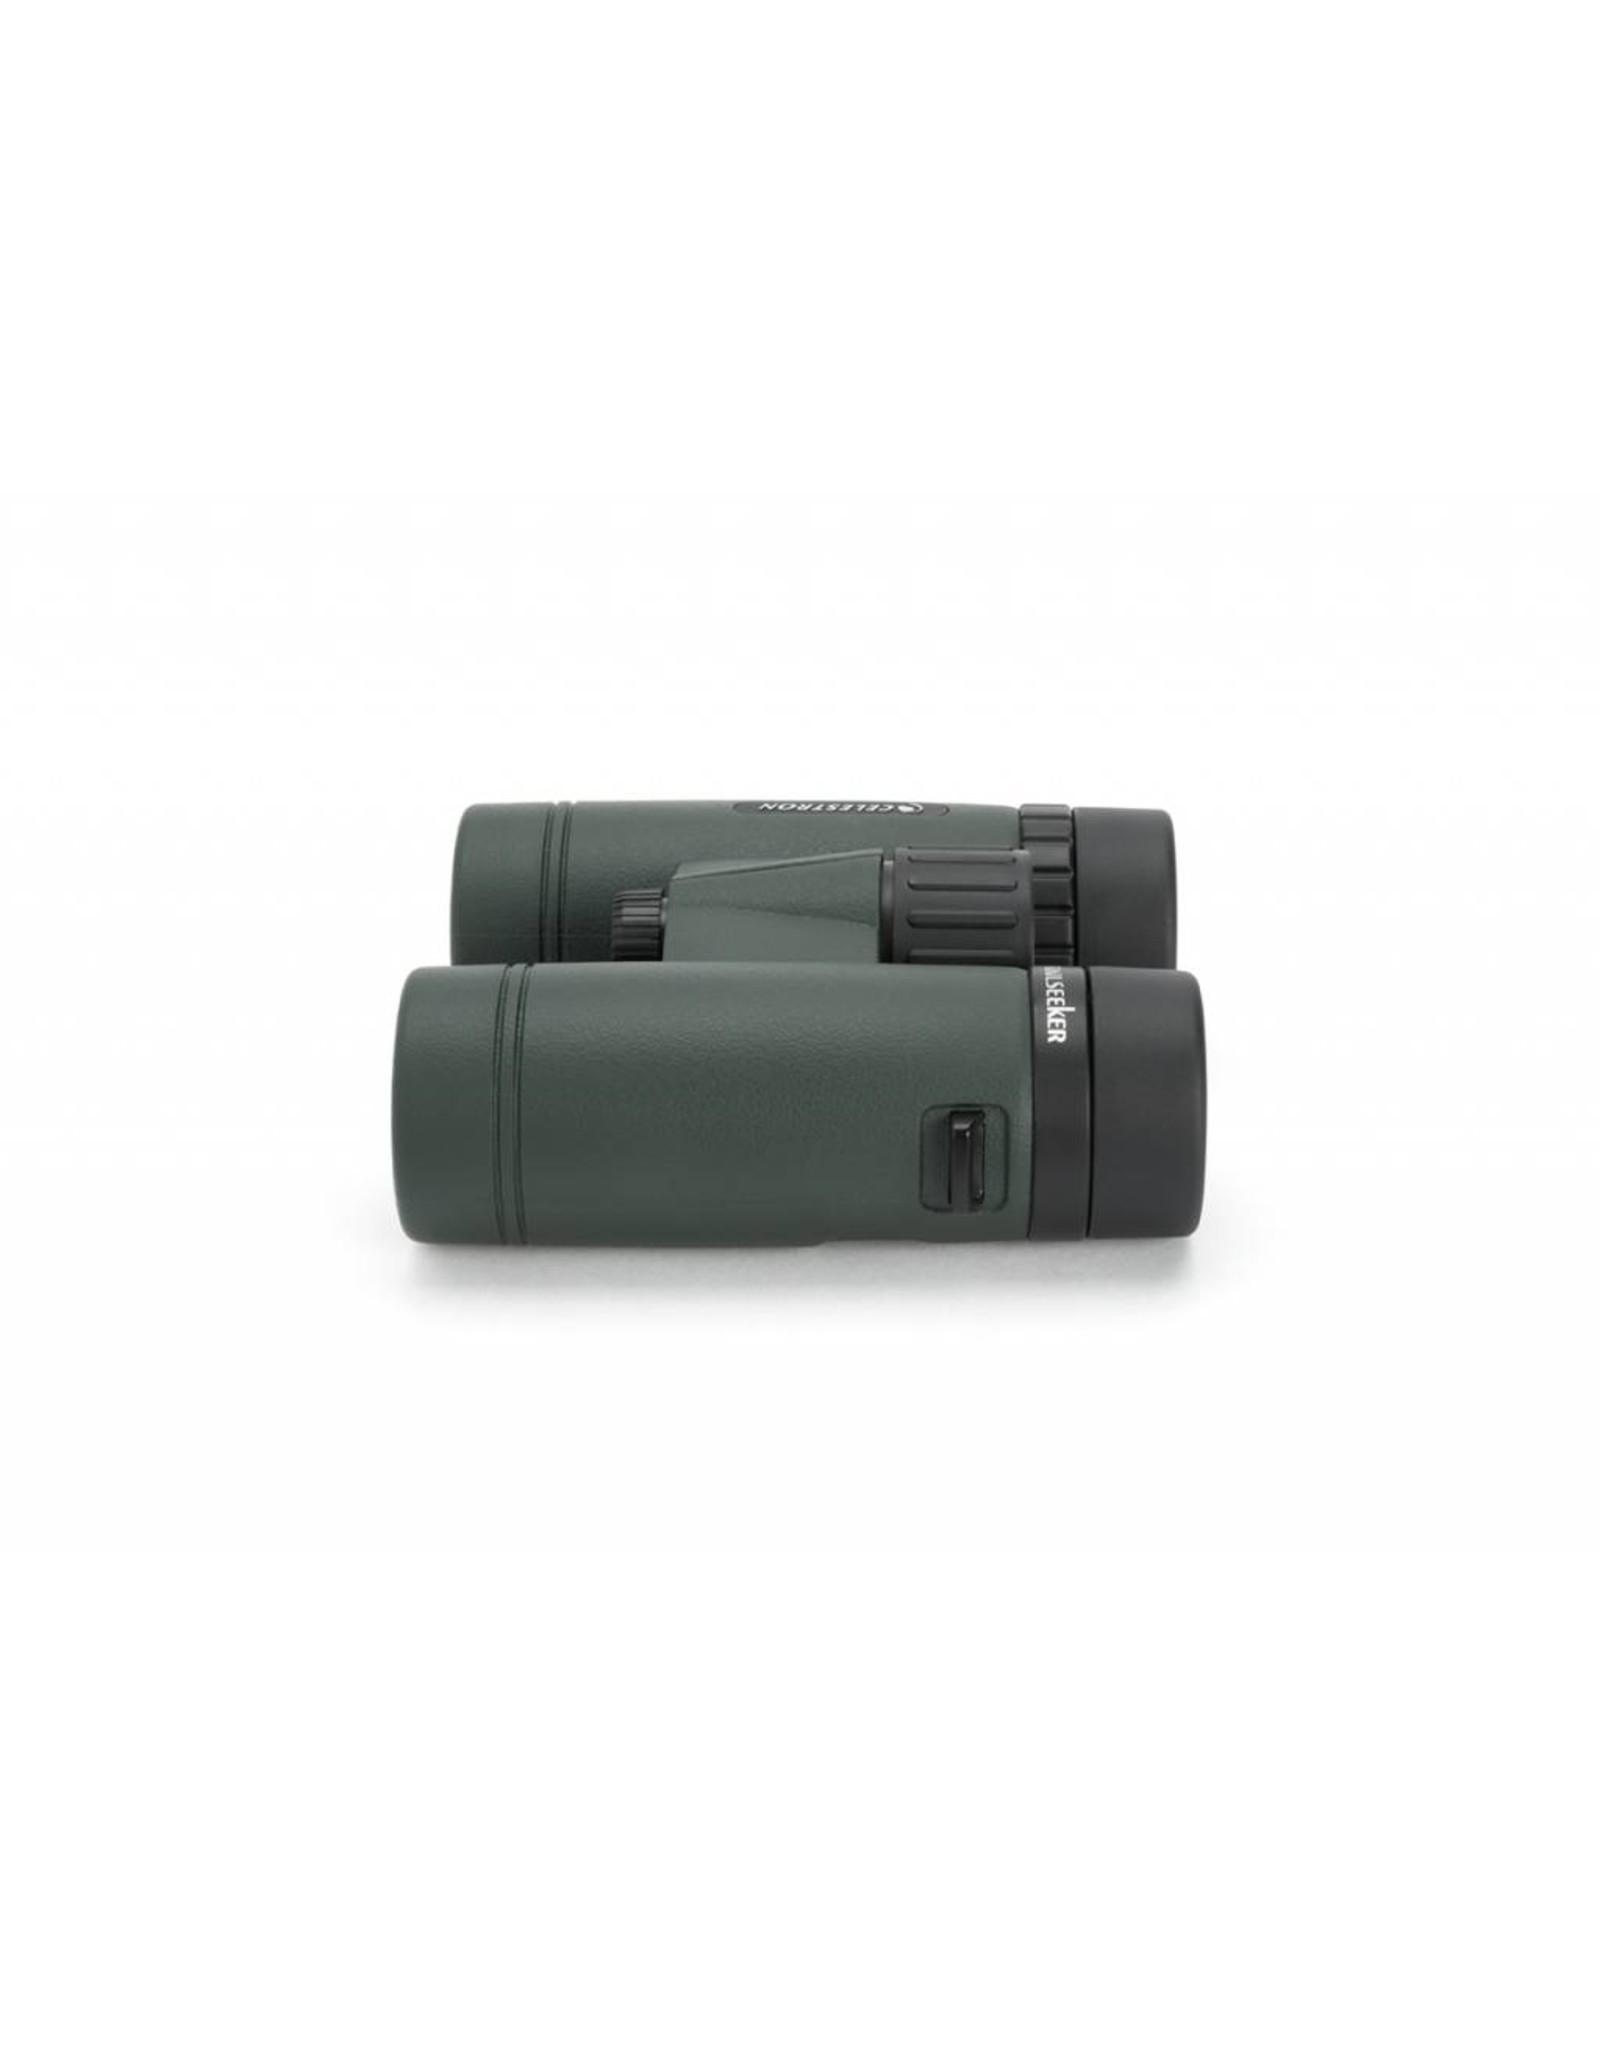 Celestron Celestron TrailSeeker 10x42 Binoculars